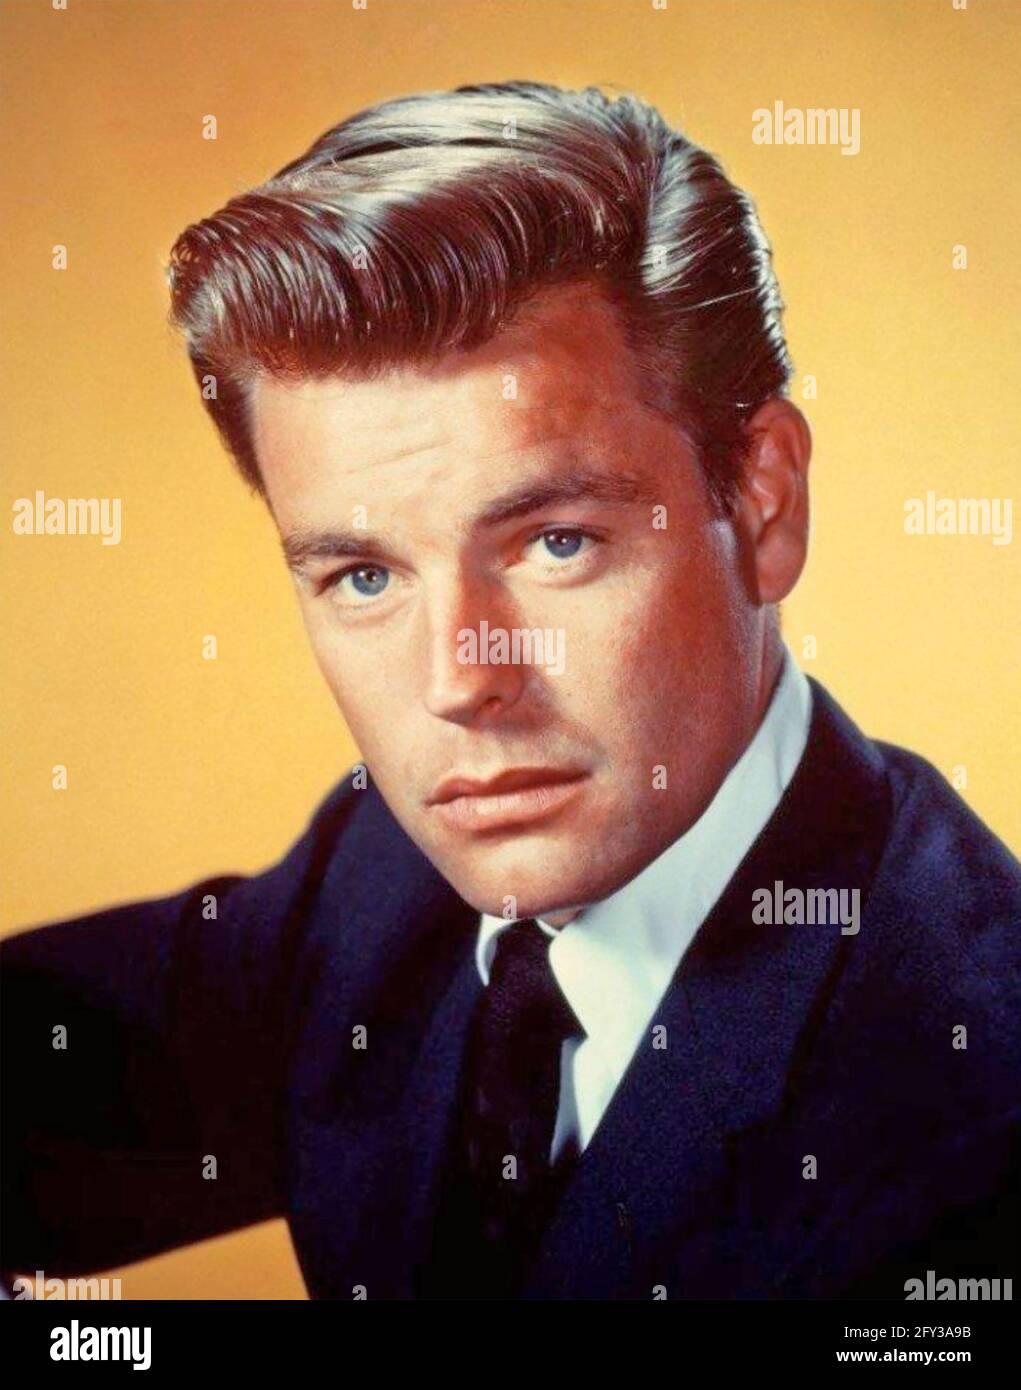 ROBERT WAGNER acteur américain de cinéma et de télévision vers 1960 Banque D'Images